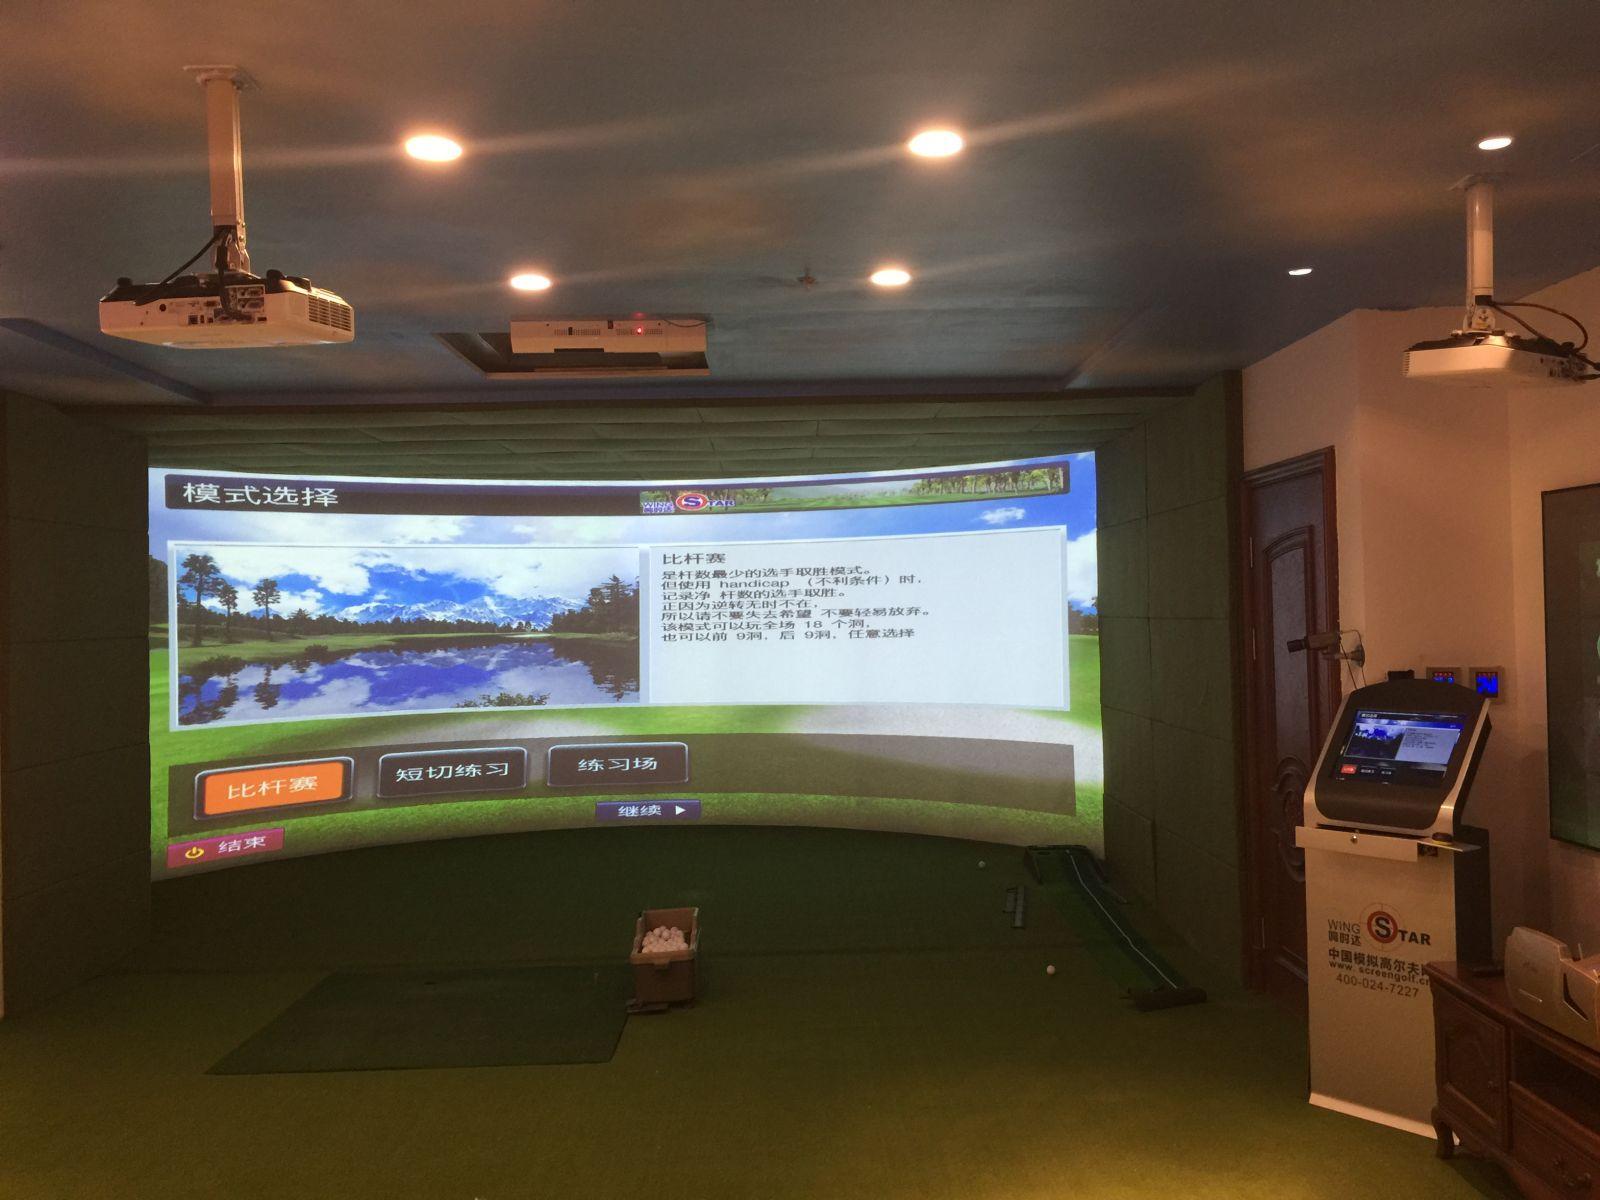 wingStar模拟高尔夫展厅八放眼:沈阳环屏模拟高尔夫展厅